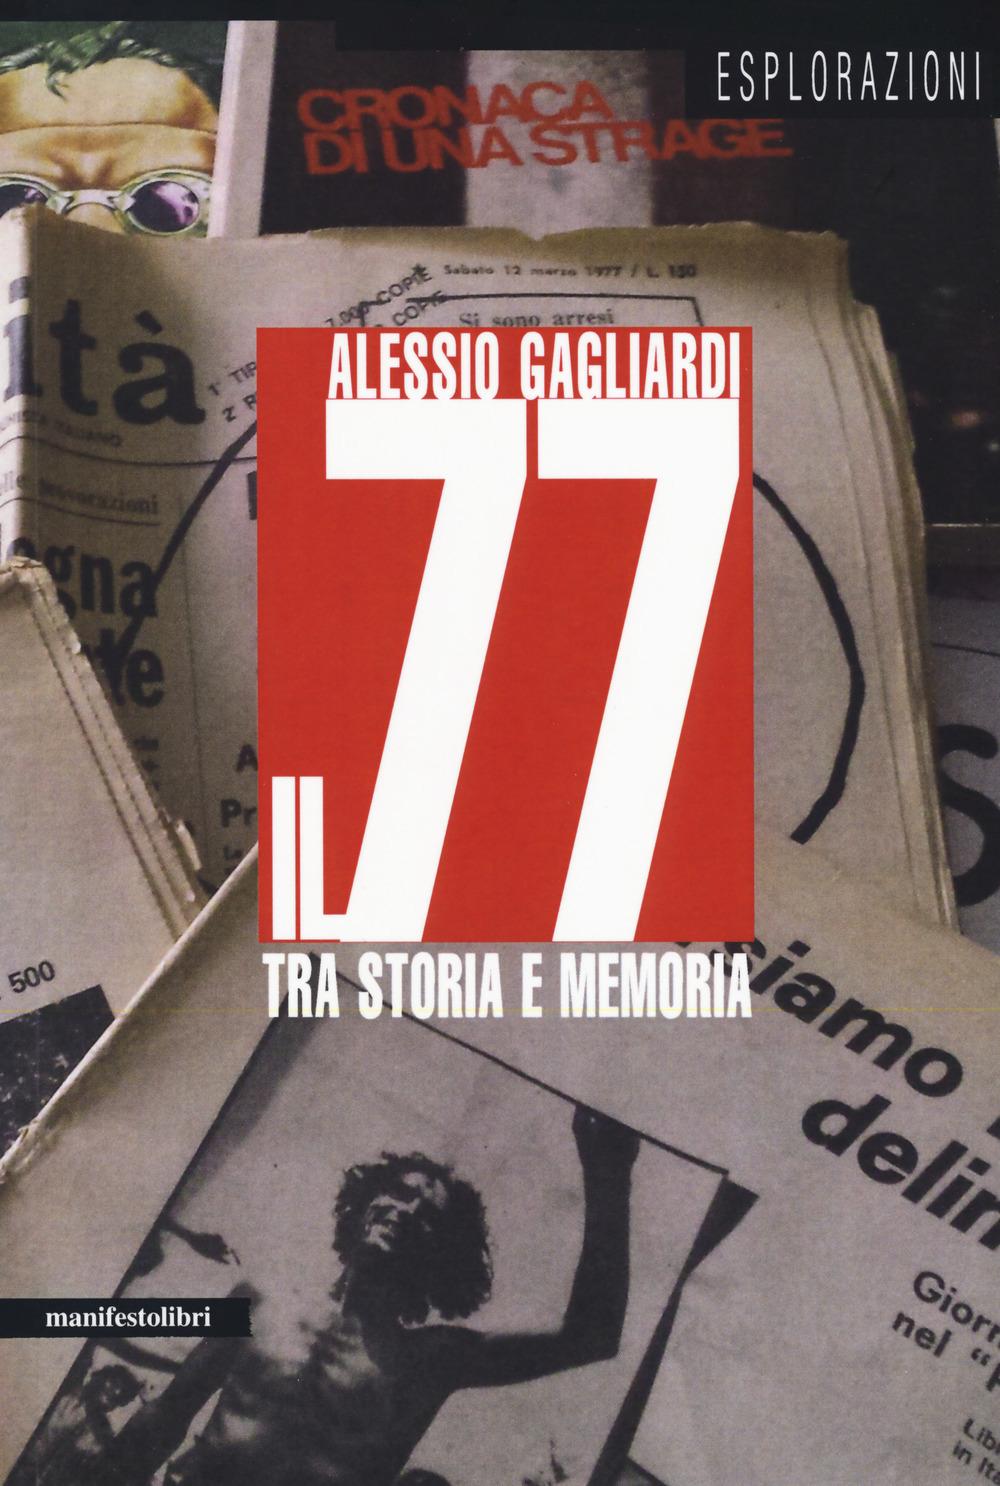 Alessio GAGLIARDI, <em/>Il 77 tra storia e memoria, Roma, manifestolibri, 2017